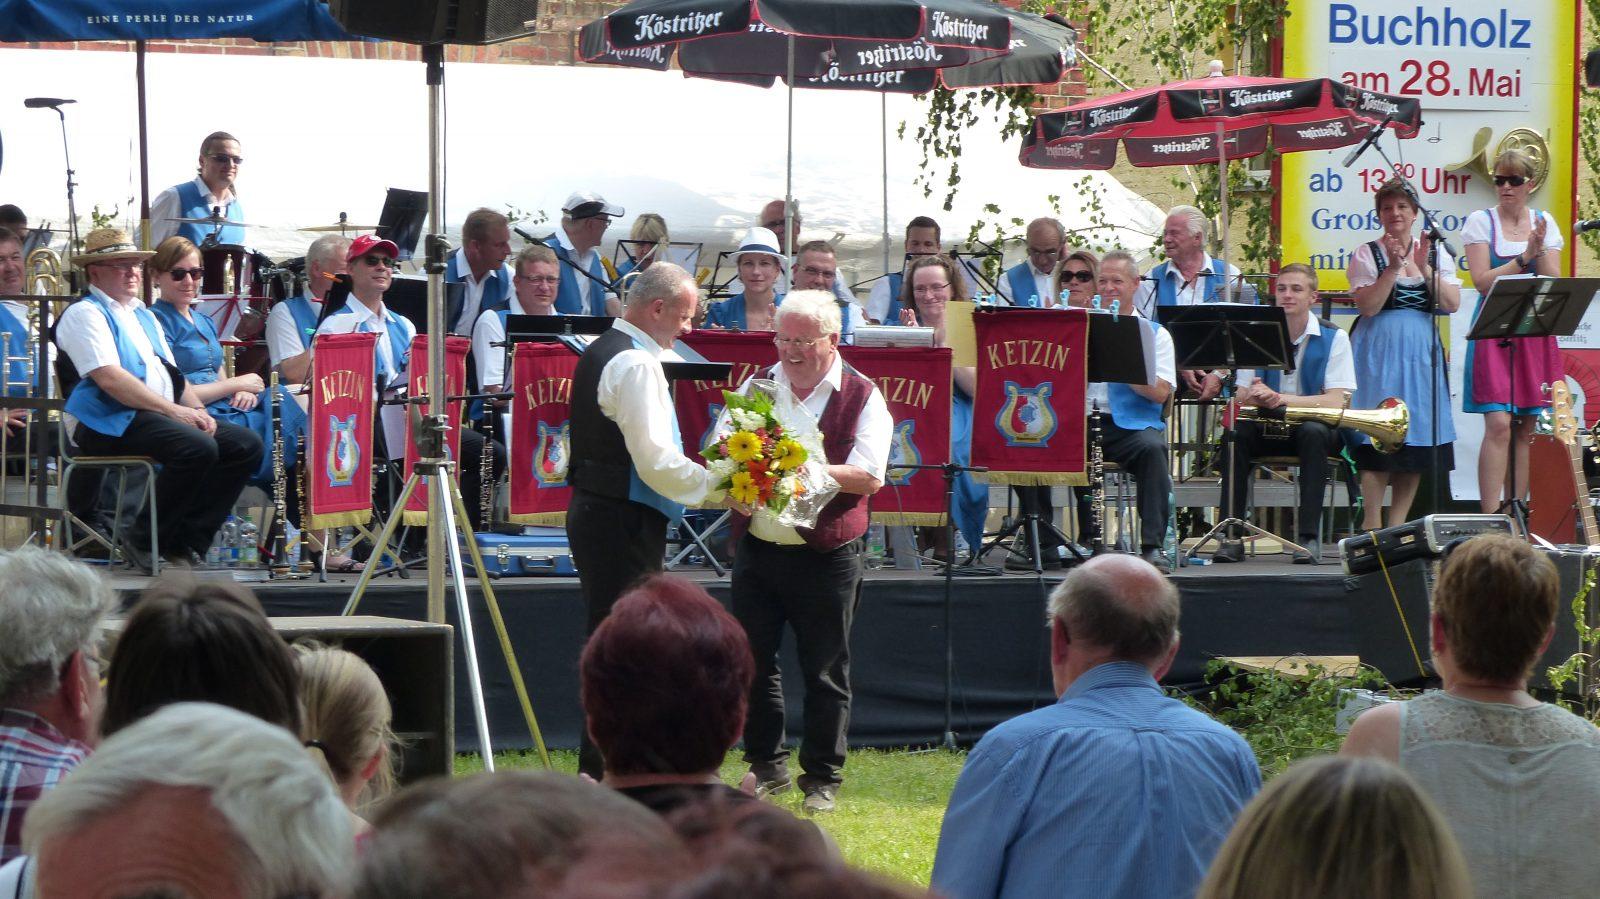 Vielen Dank für die Blumen - Fest der Blasmusik Buchholz 2017